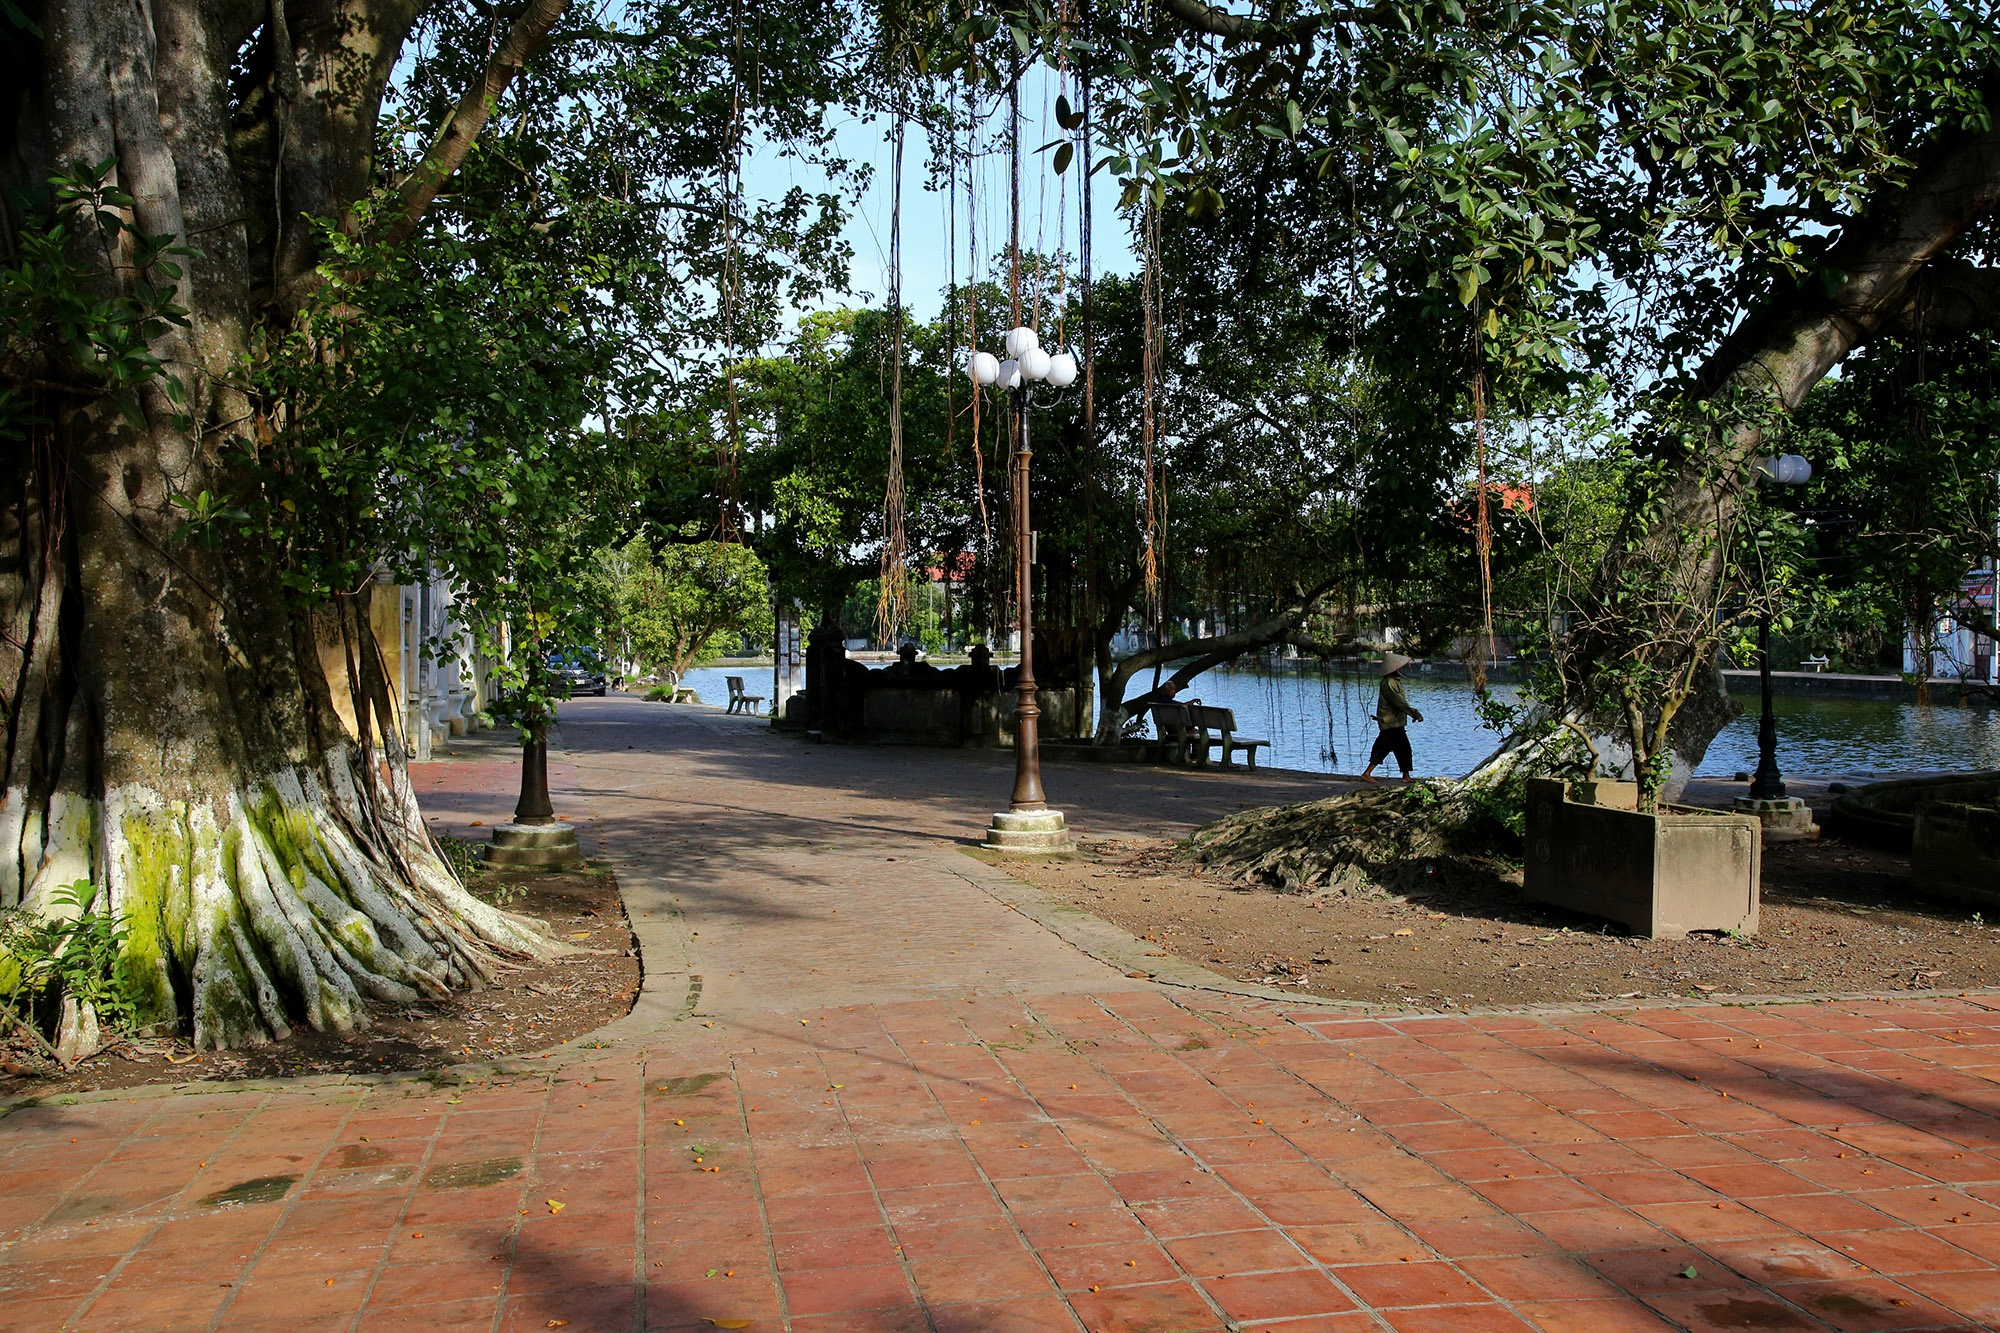 Phát hiện thêm một cổ trấn đẹp bình dị cách Hà Nội 30 km - 12